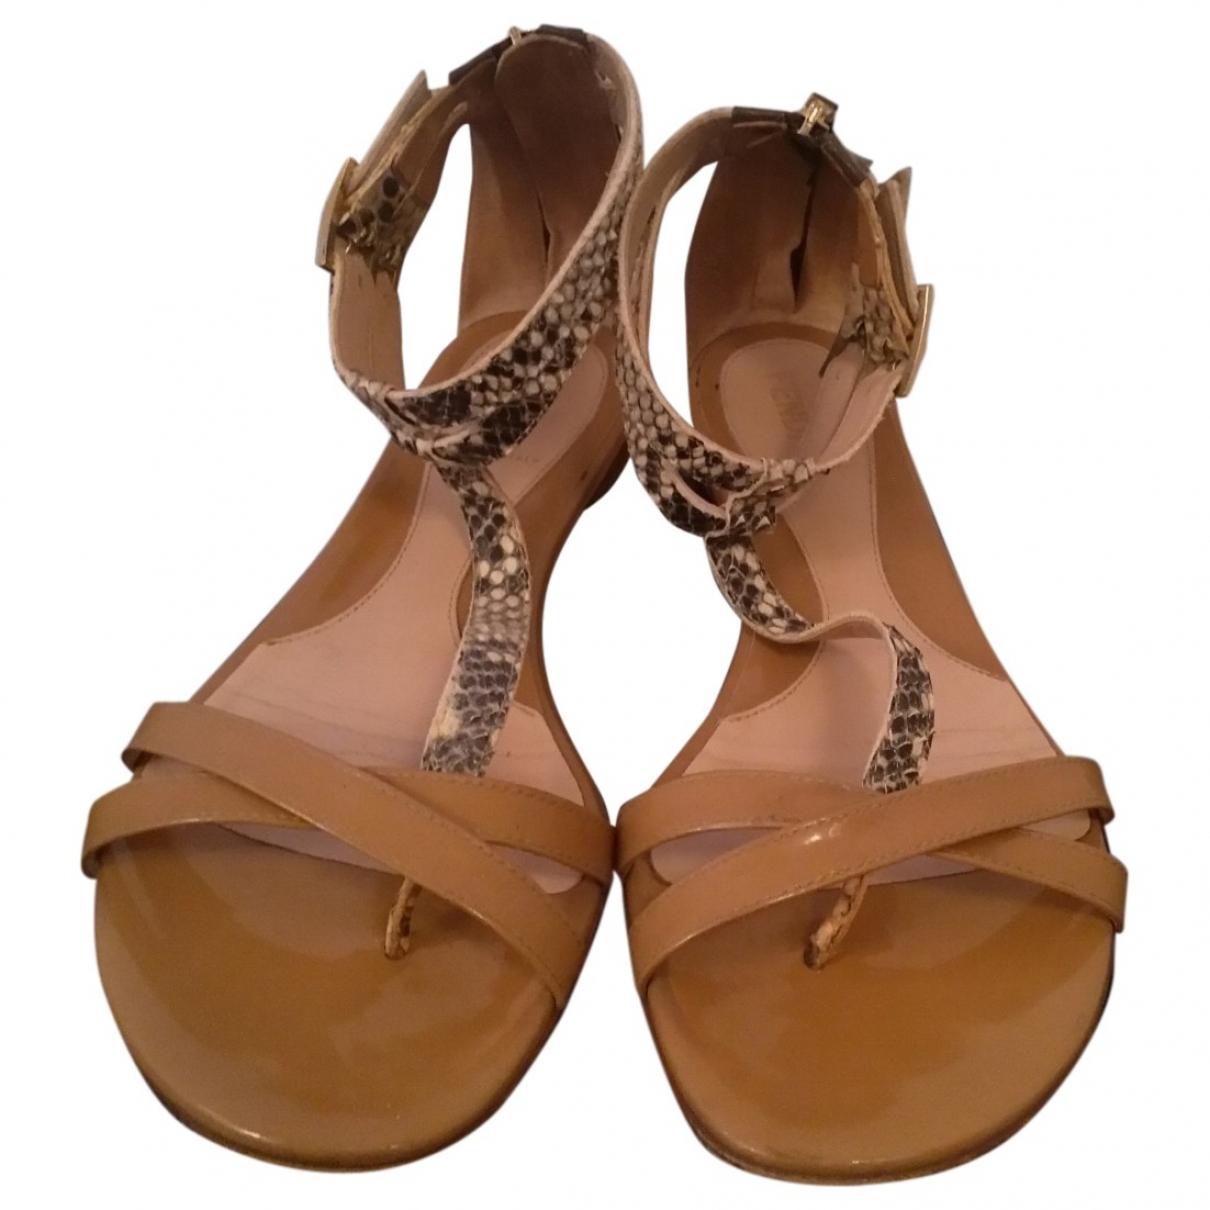 Fendi - Sandales   pour femme en cuir verni - beige